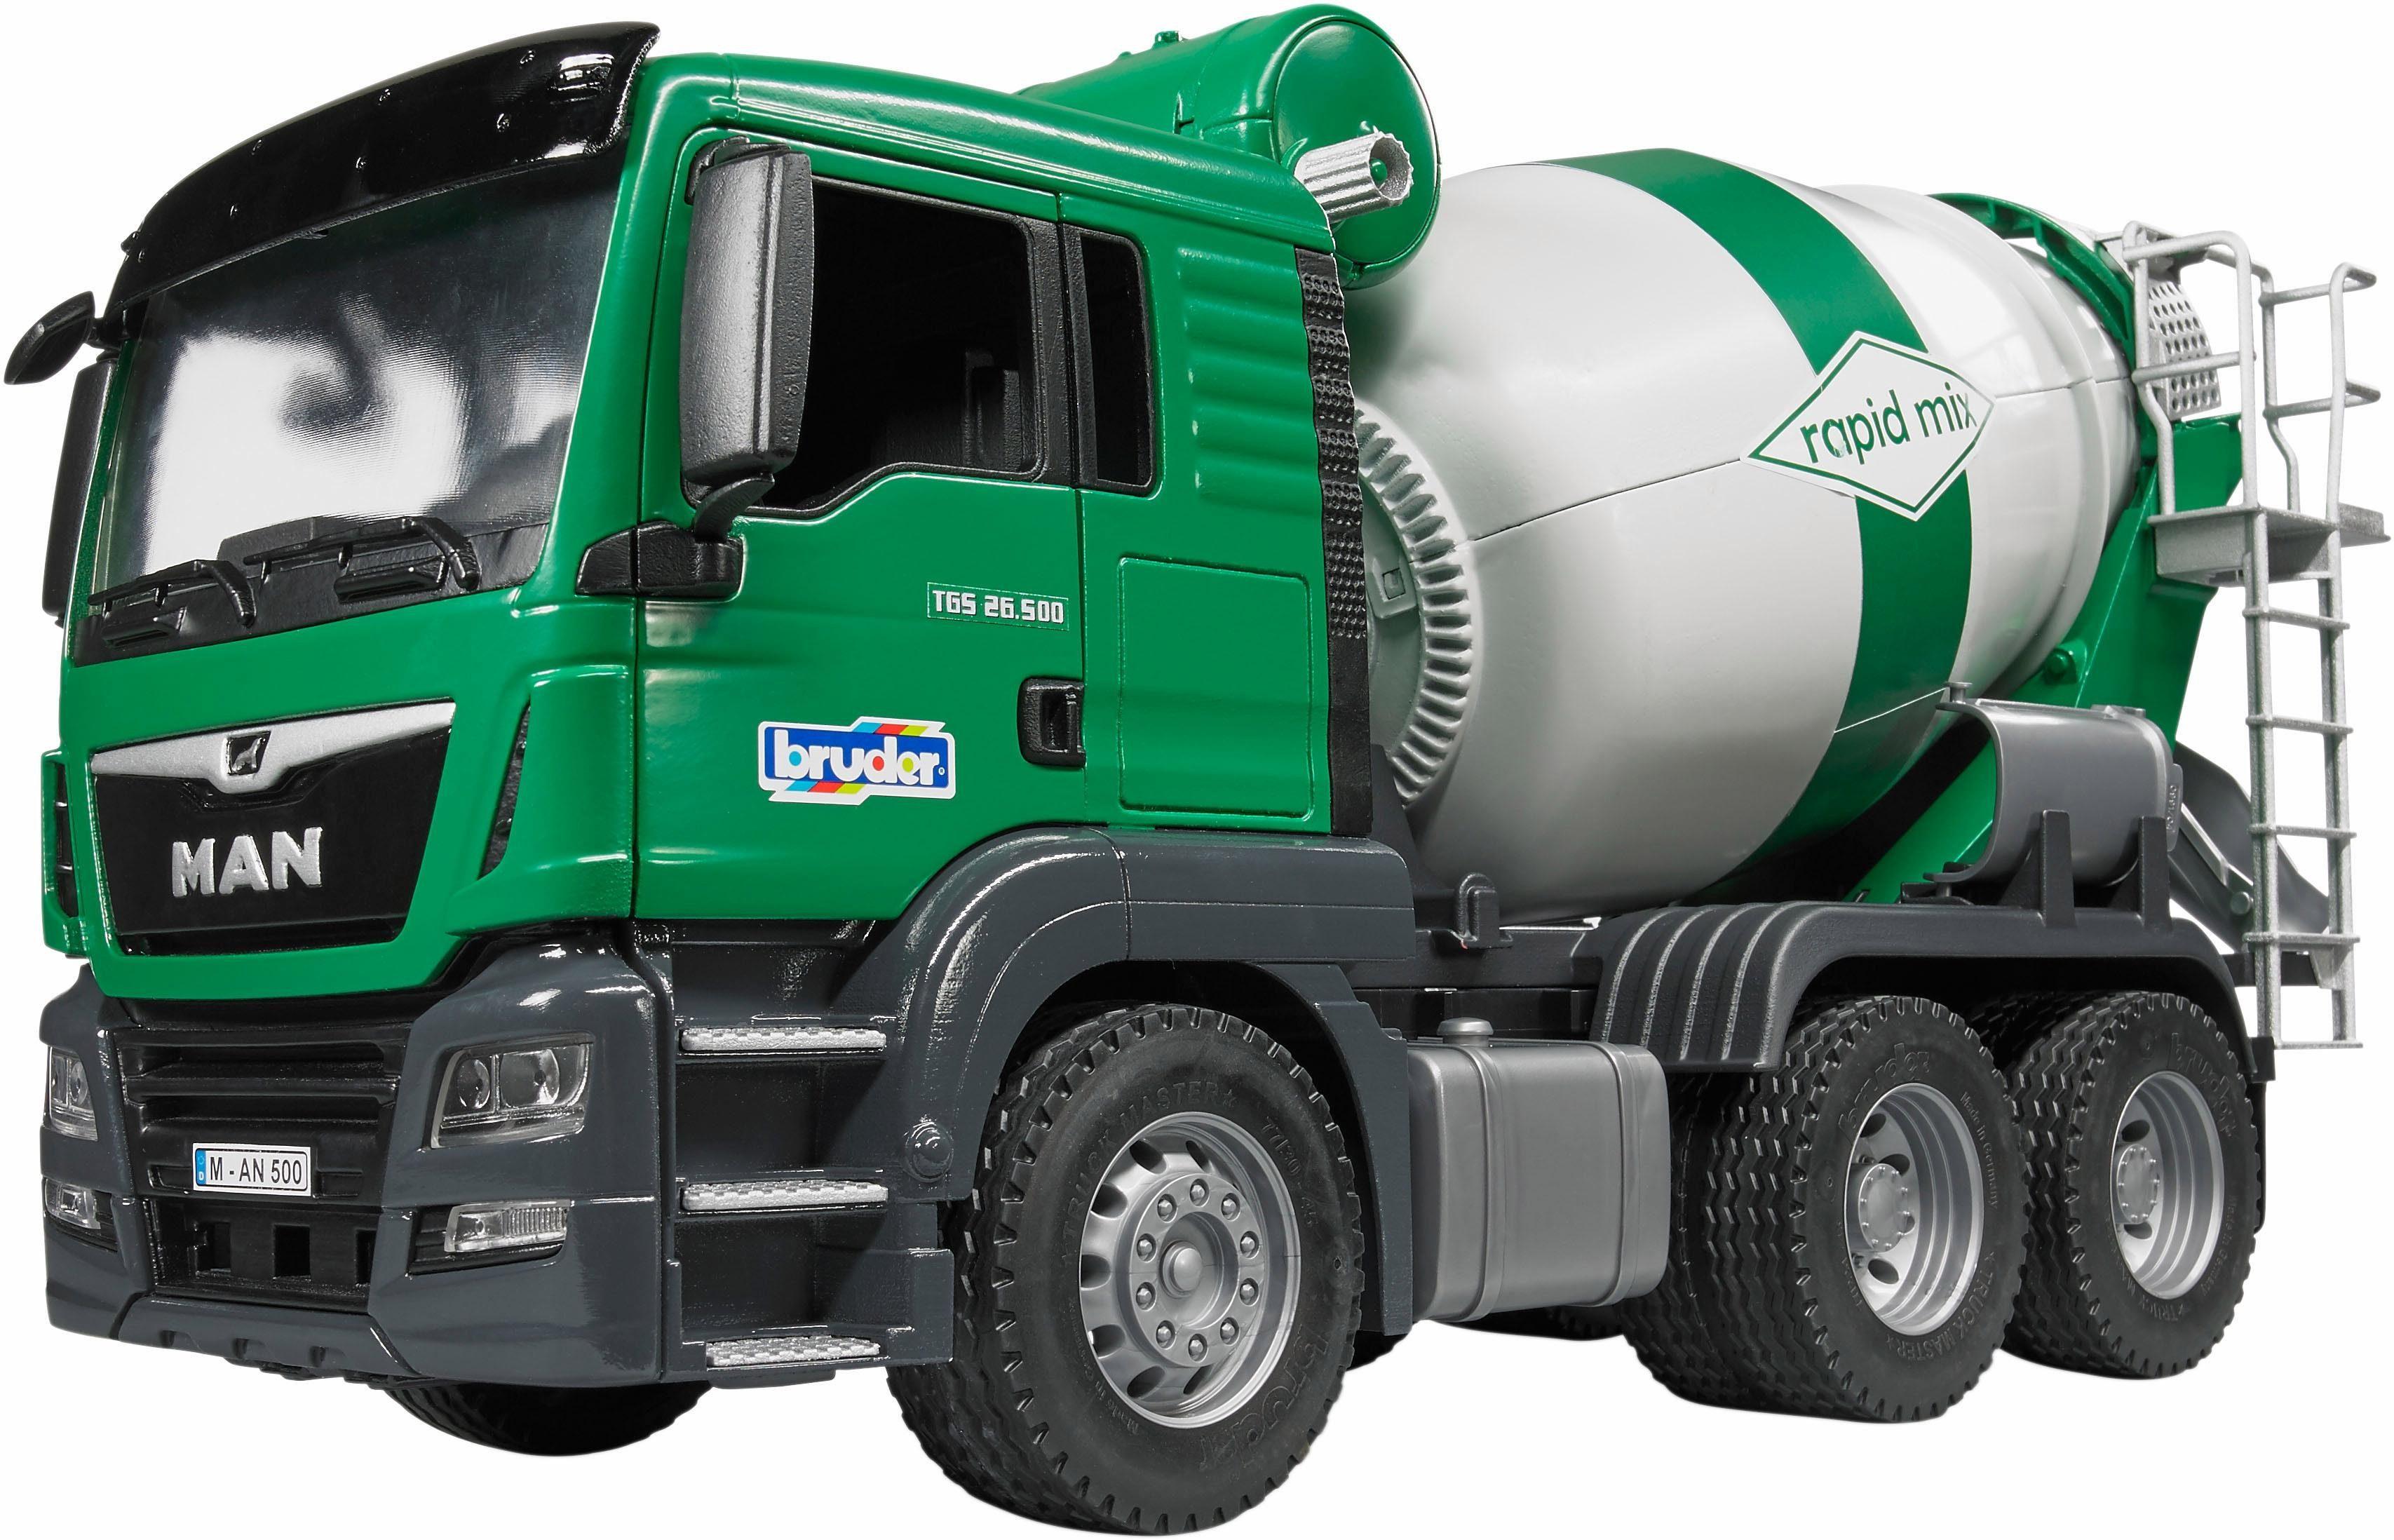 bruder® Spielzeug LKW 3710, »MAN TGS Betonmisch LKW, 1:16, grün«